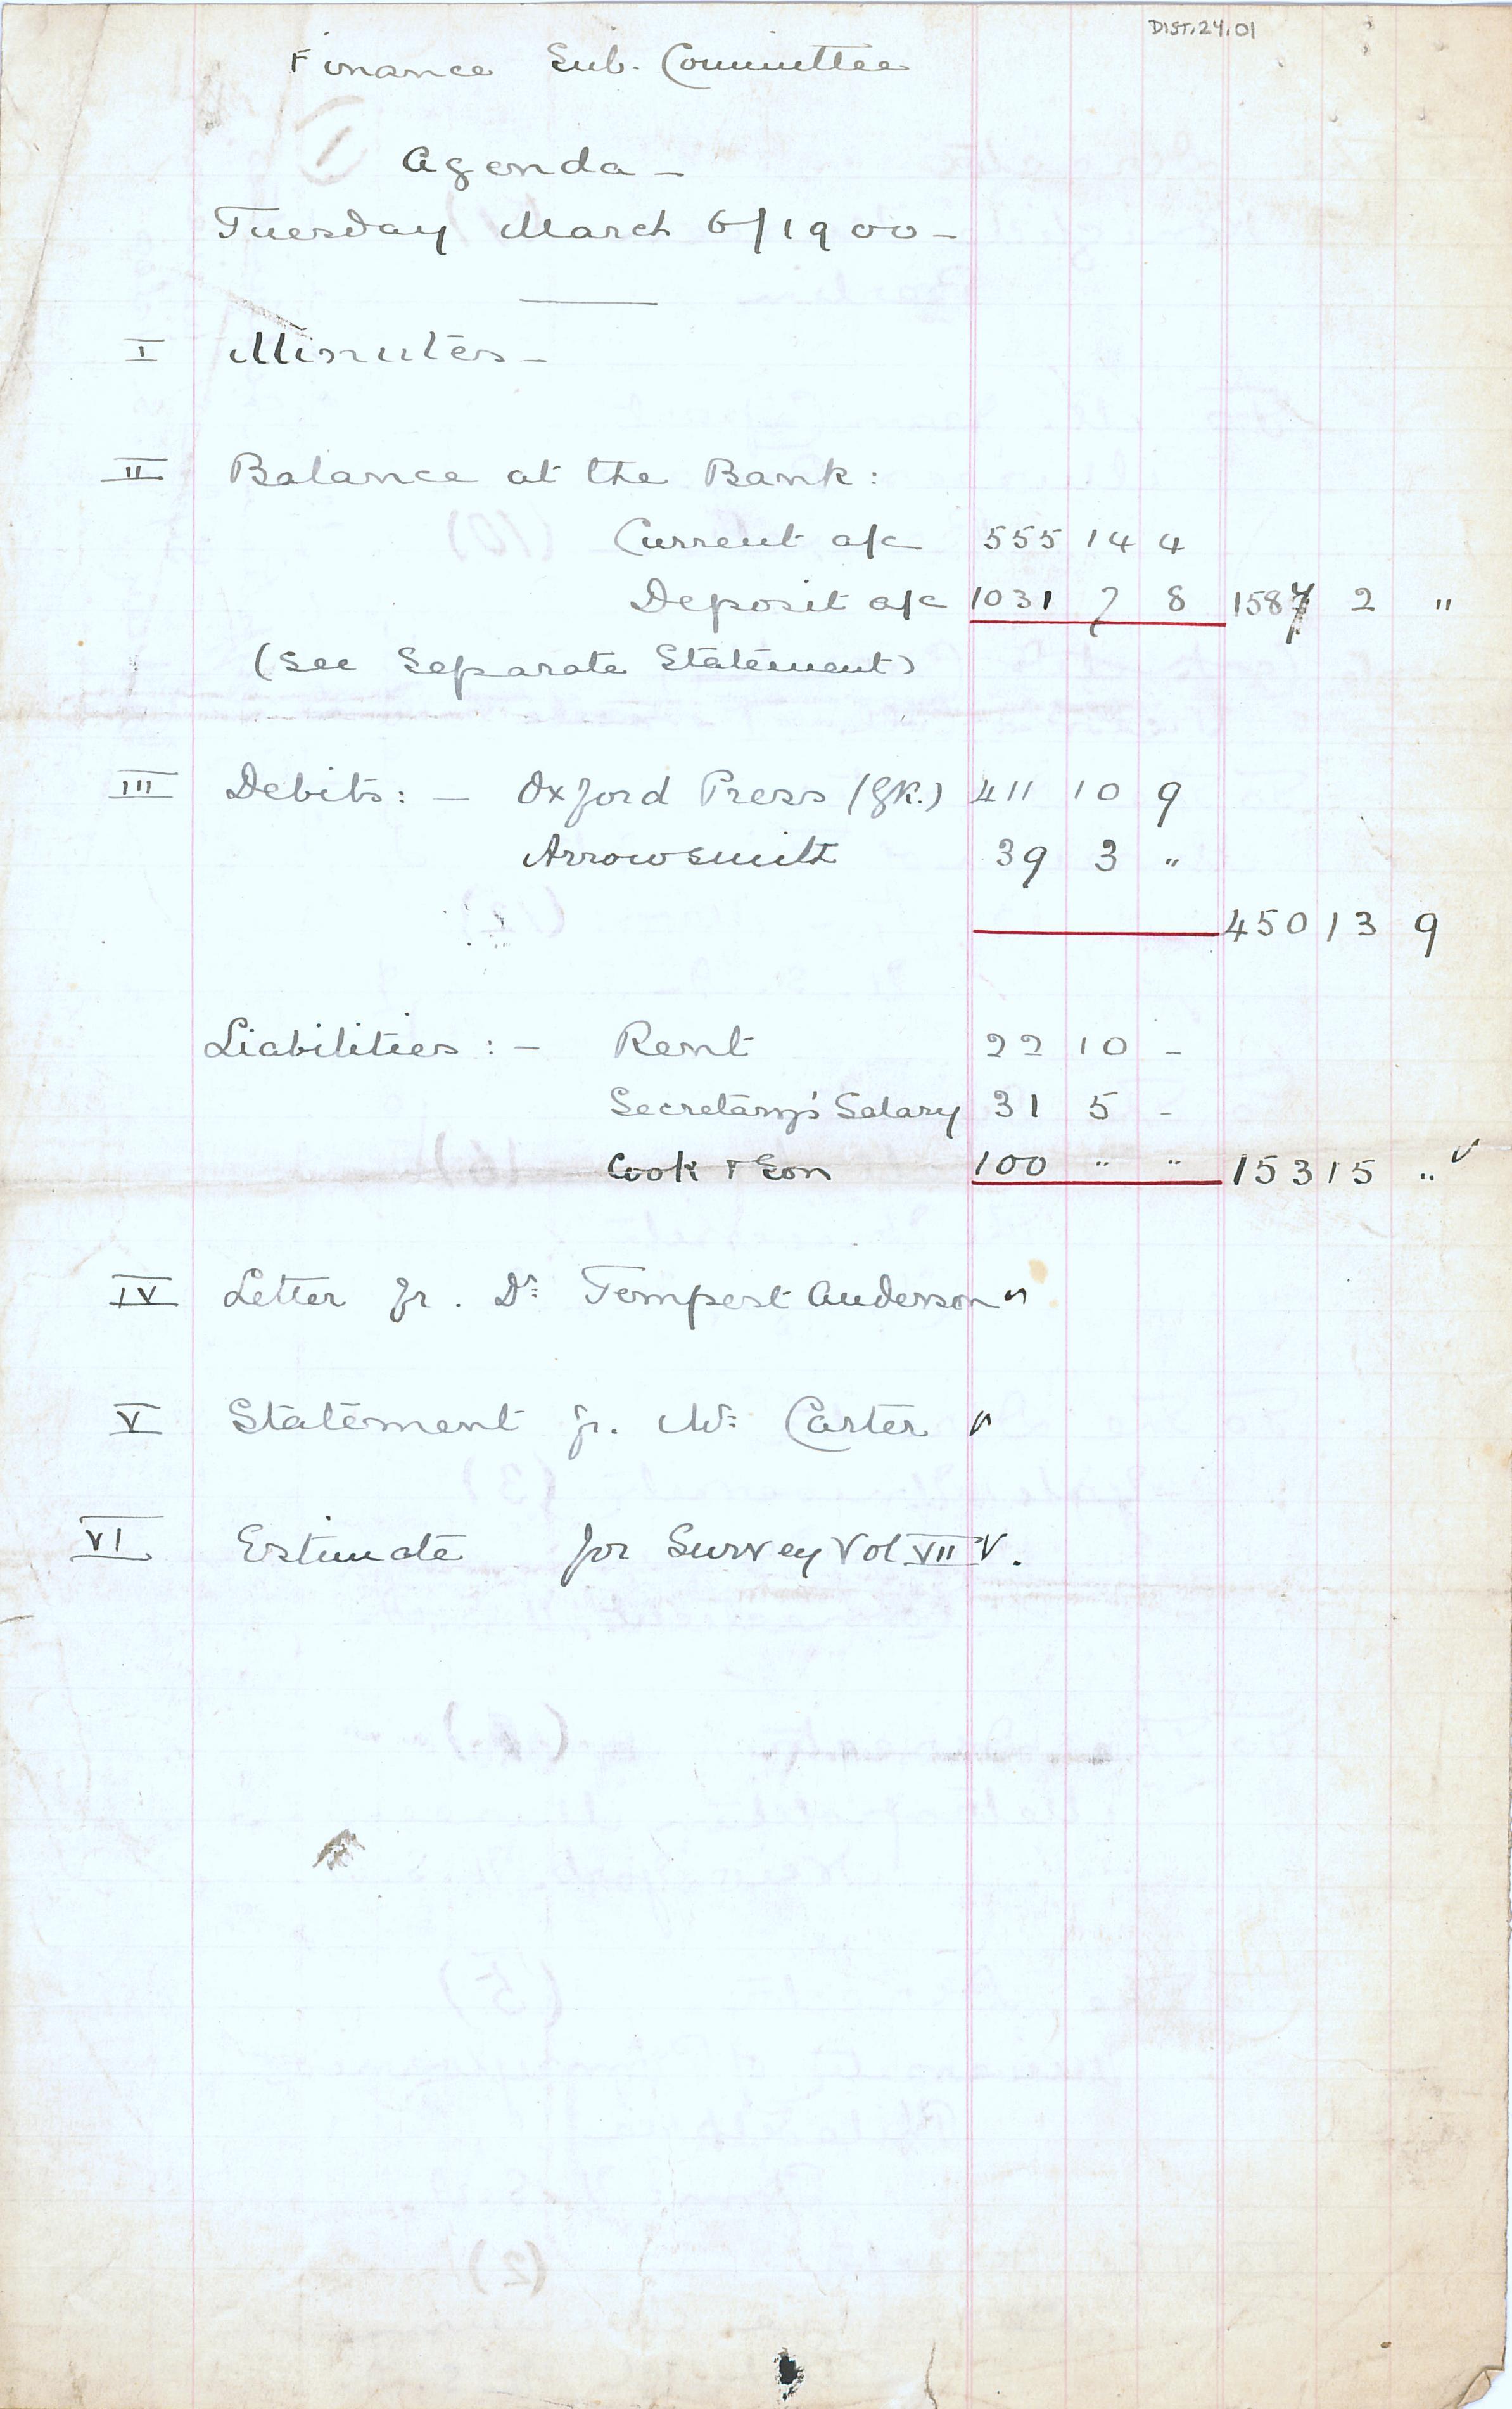 1904-05 Deir el-Bahri, Sinai, Oxyrhynchus DIST.24.01a